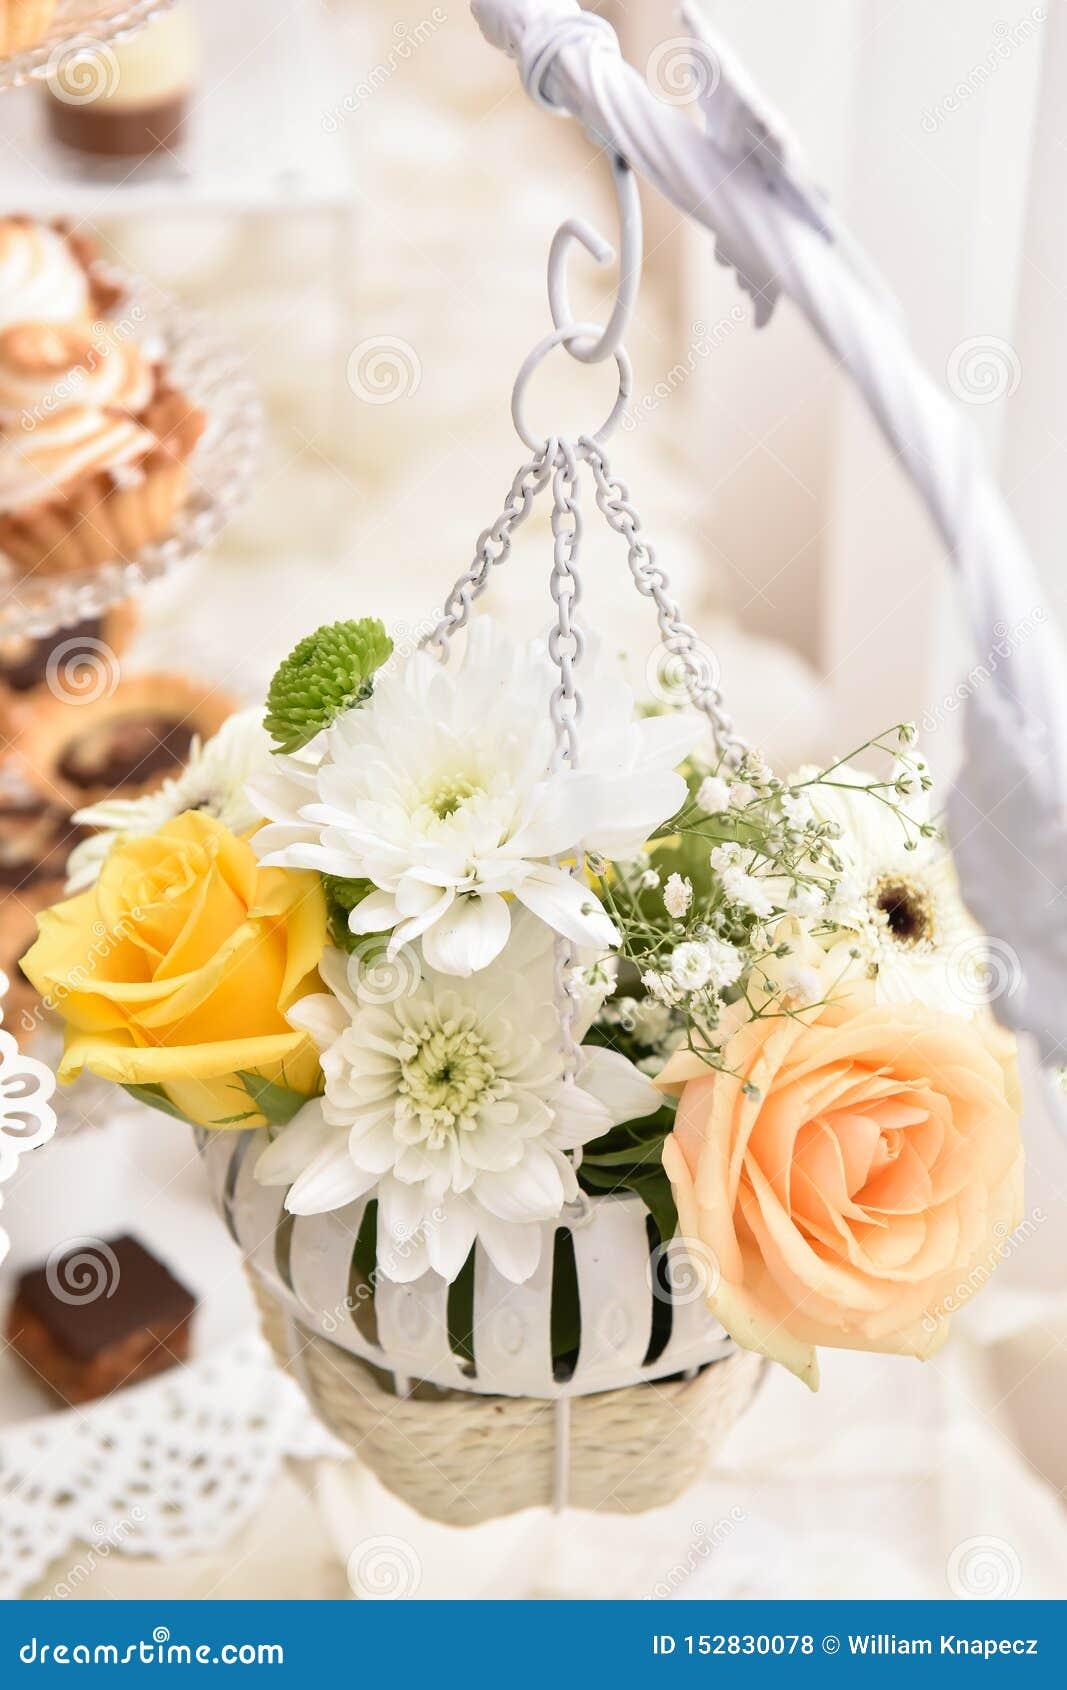 Gehangen bloemenregeling met witte en gele rozen